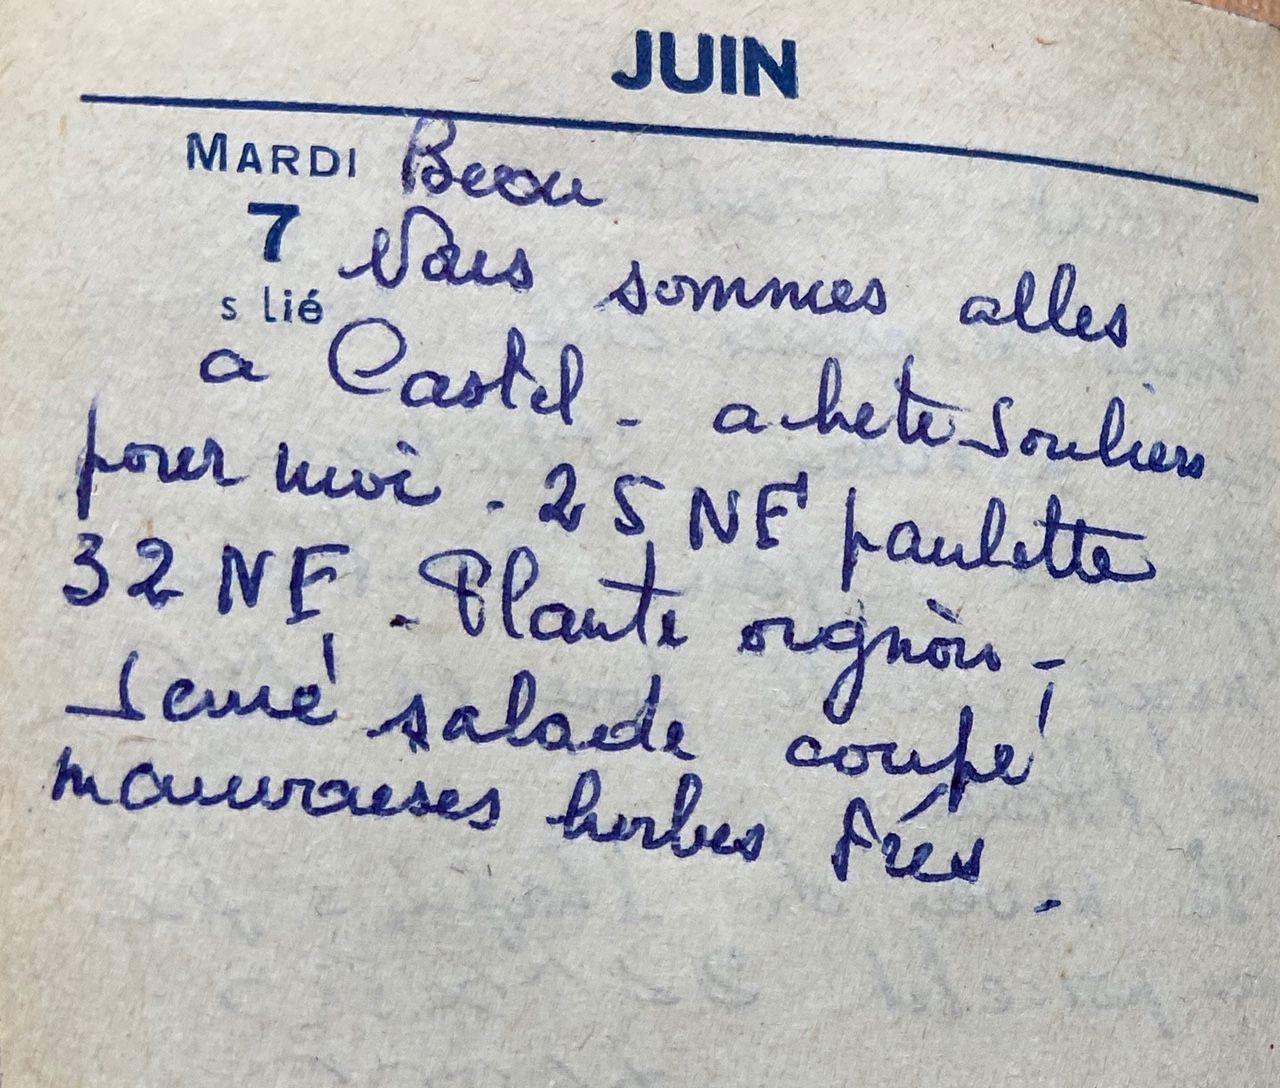 Mardi 7 juin 1960 -  les souliers neufs de Castelnaudary